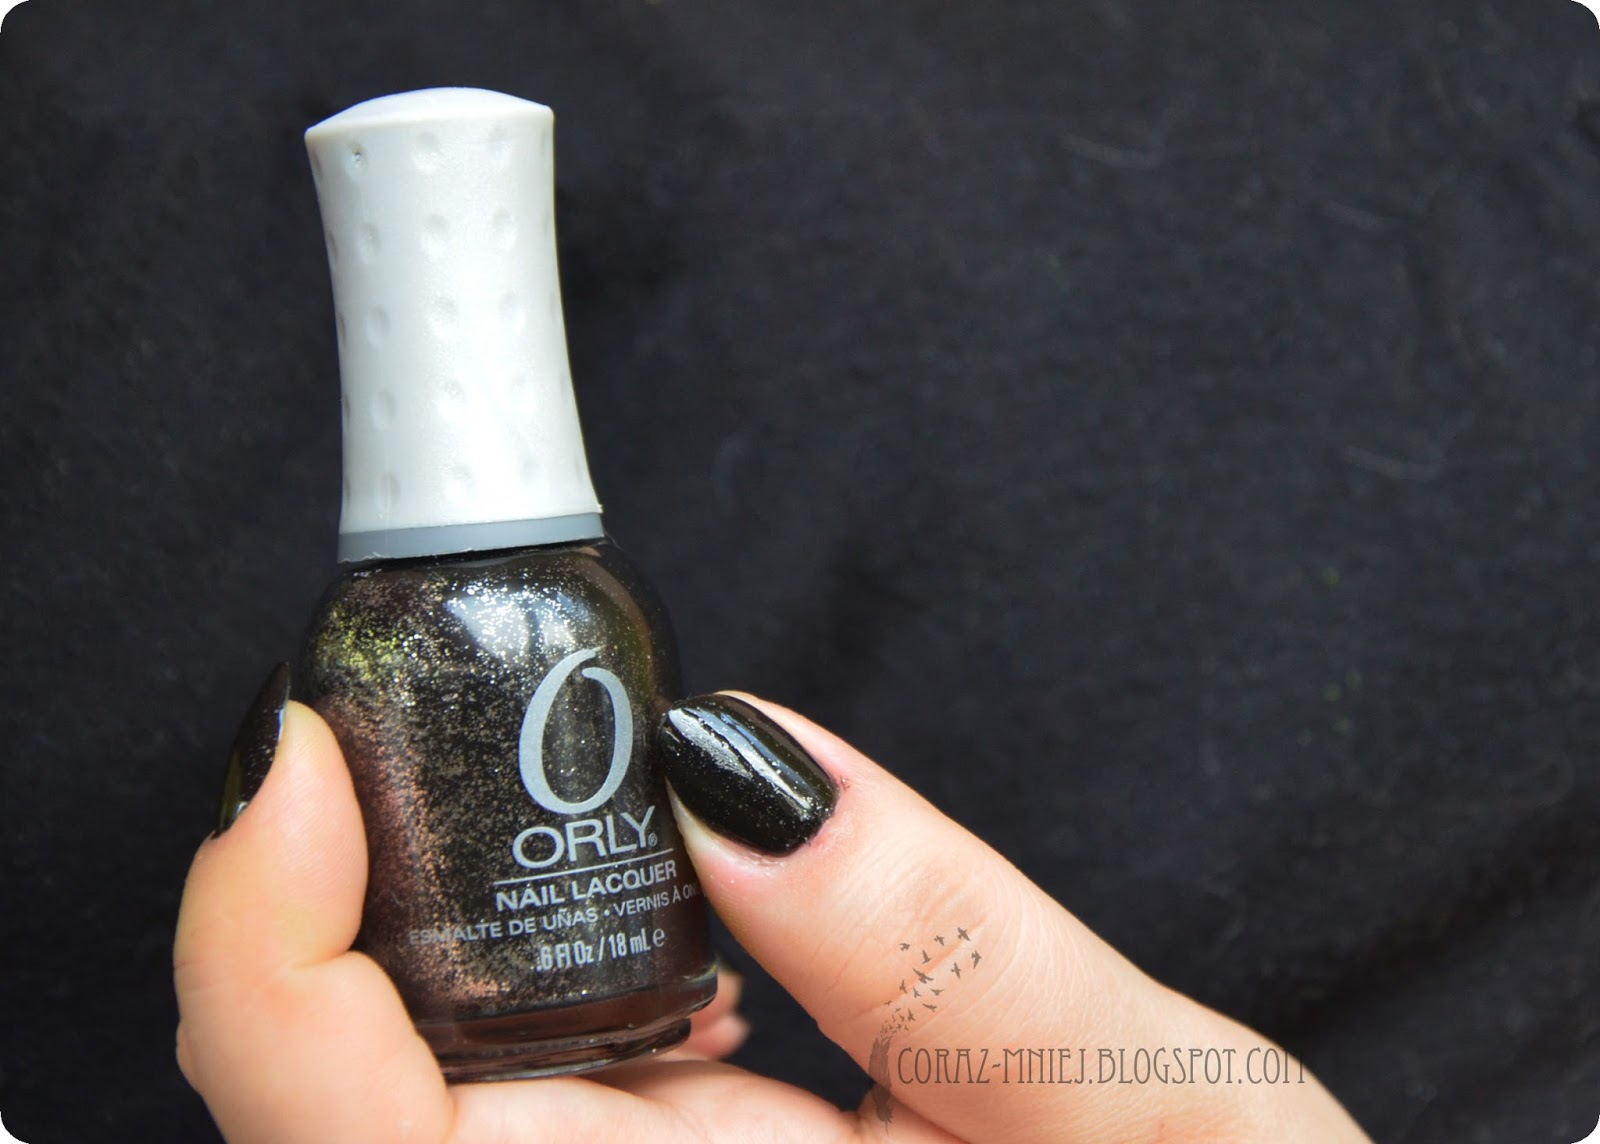 Orly-goth